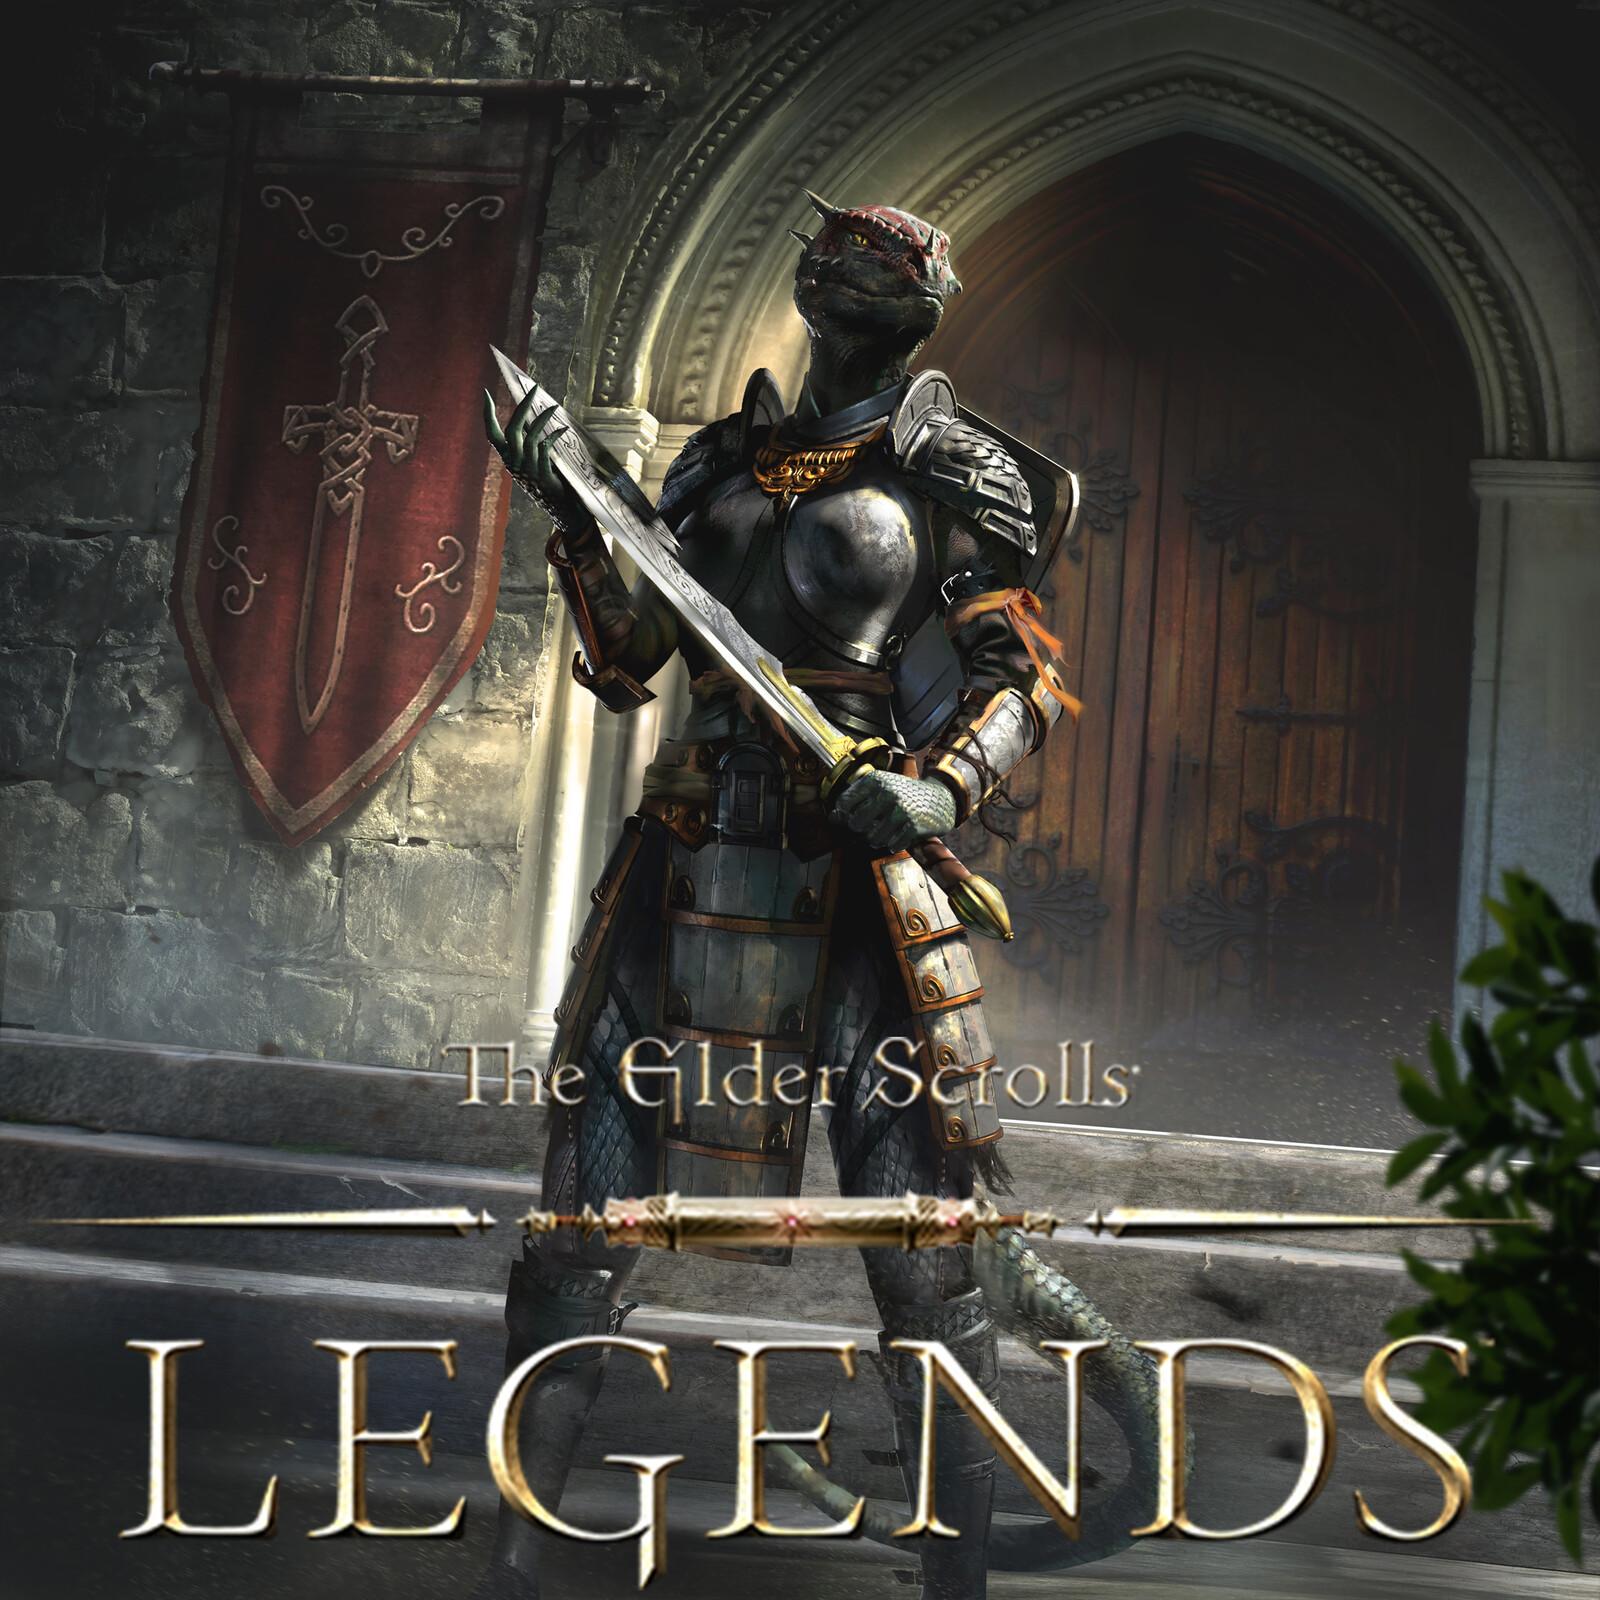 Guildsworn Apprentice - The Elder Scrolls: Legends